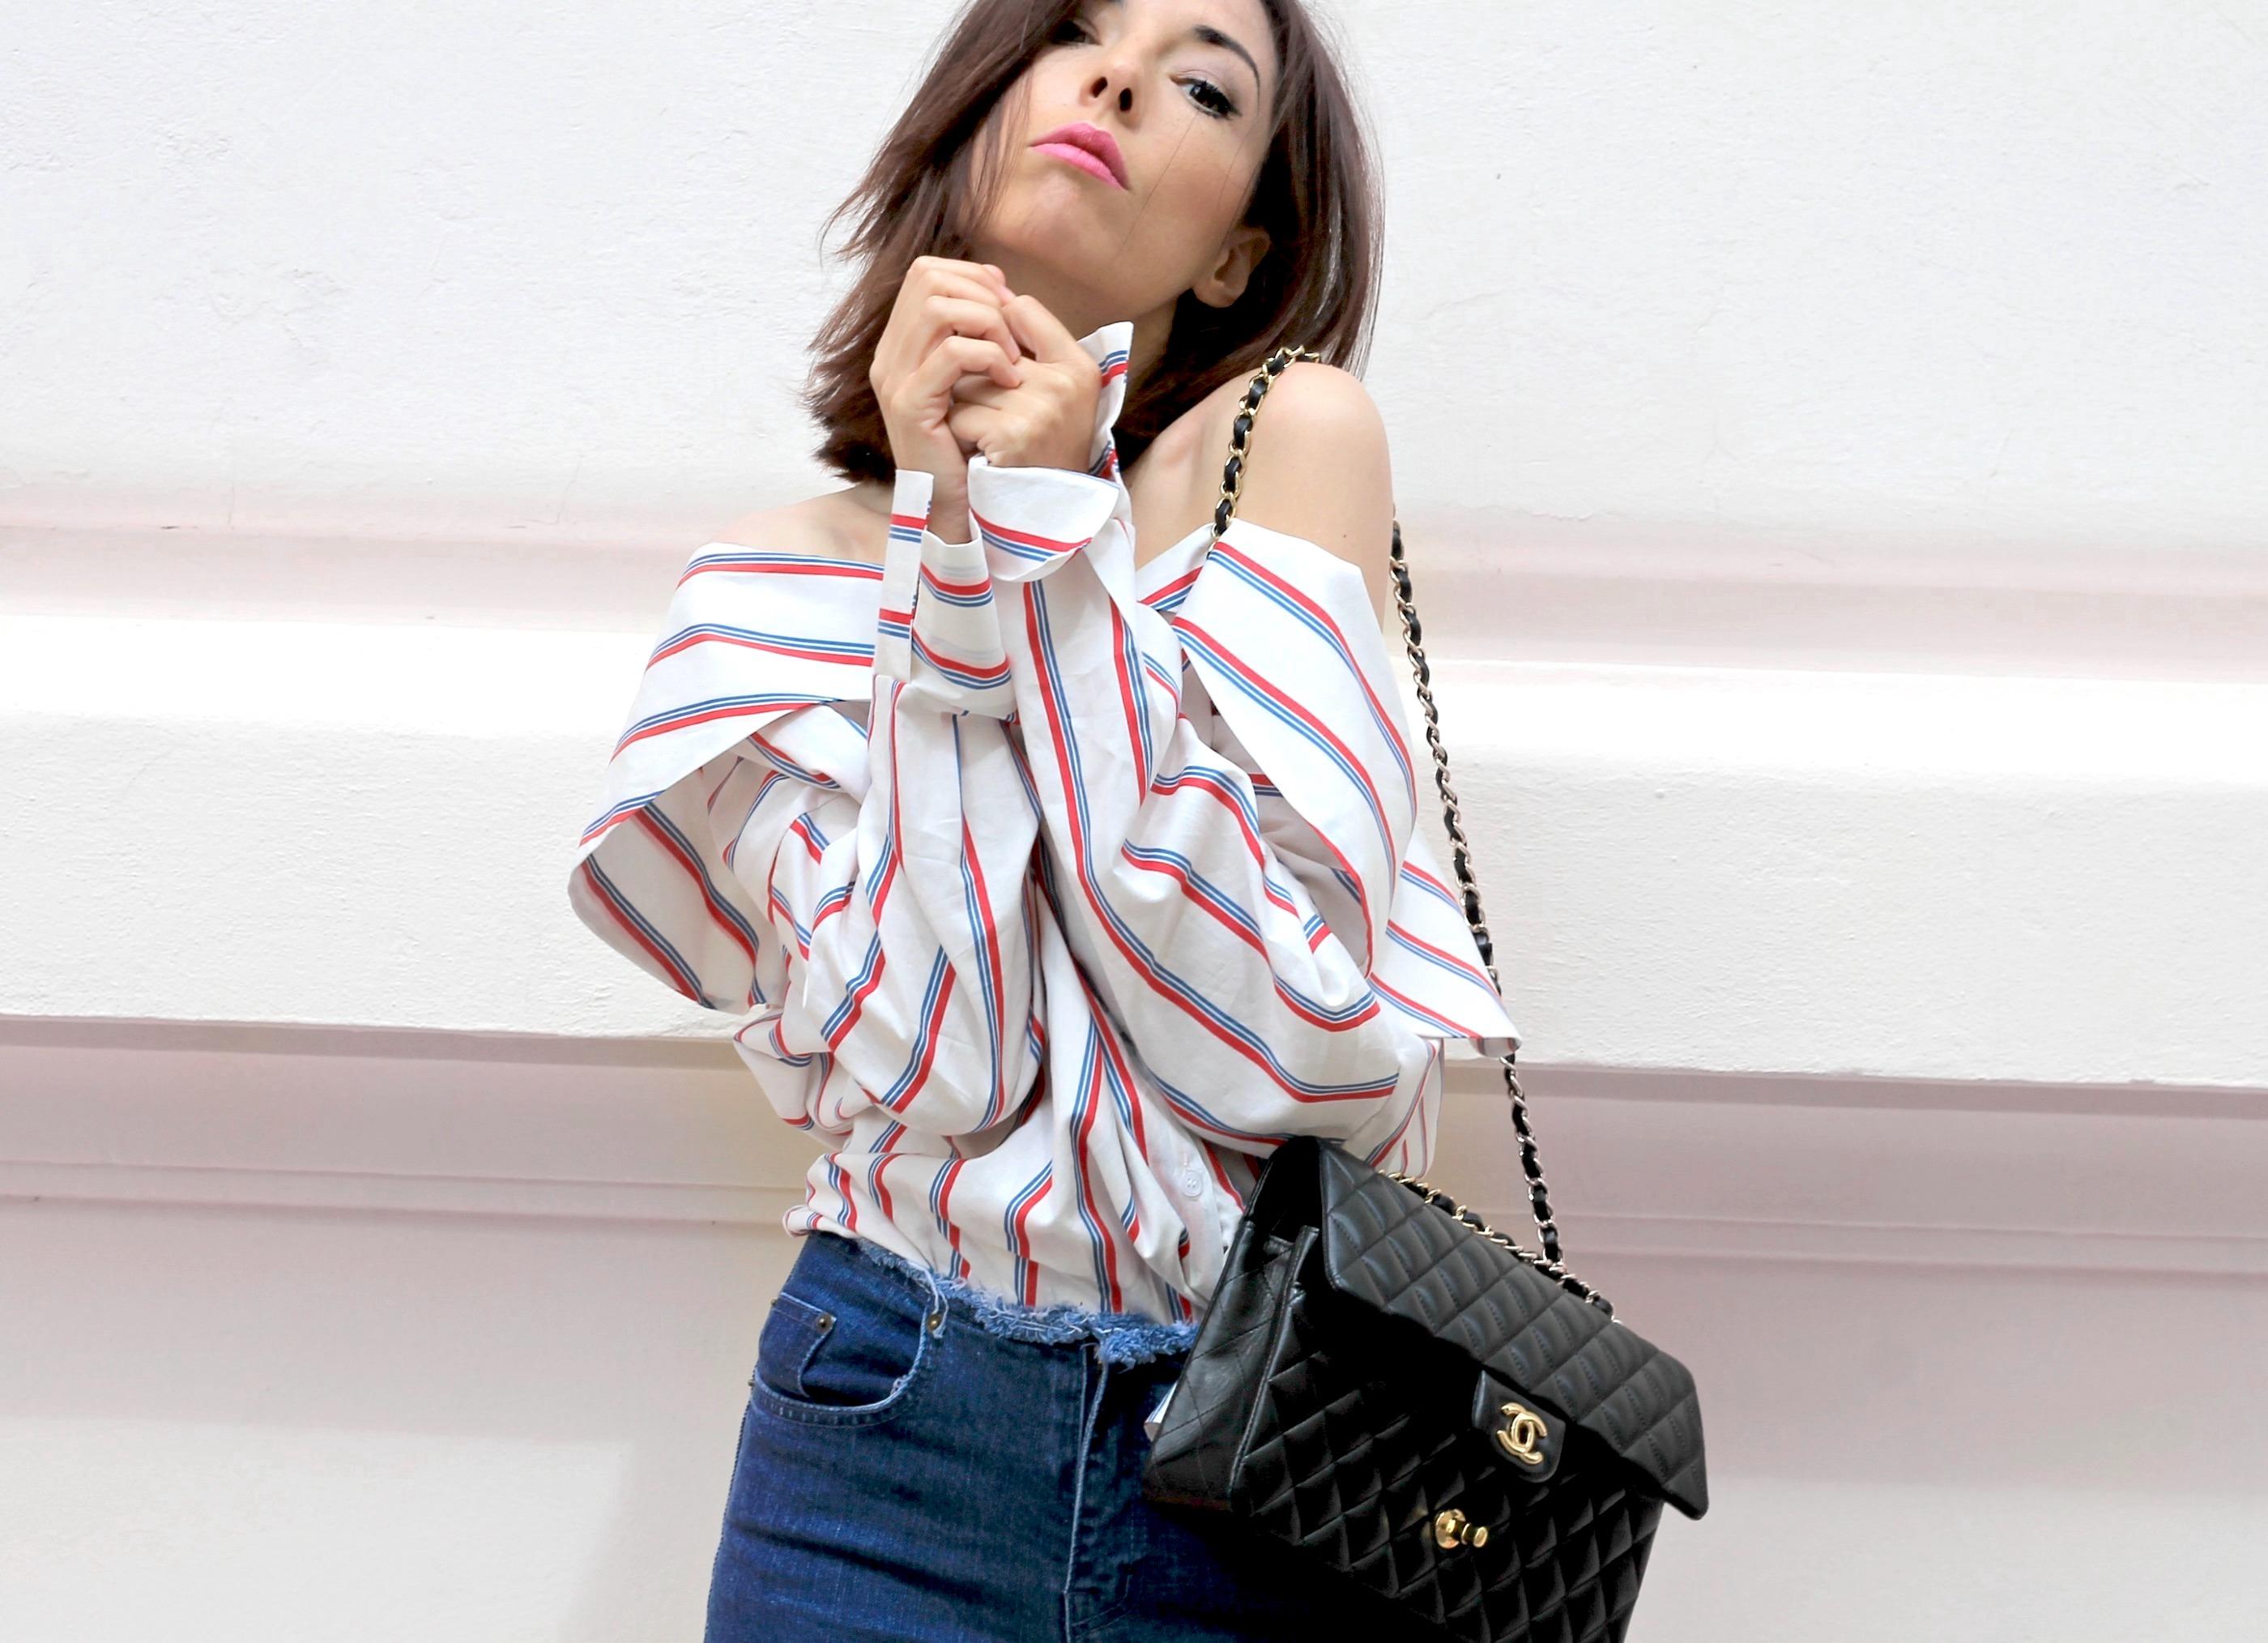 Cosa spinge a comprare, cosa spinge a comprare il lusso, theladycracy.it, elisa bellino, chanel 2.55 originale, outfit blogger primavera 2017, outfit primavera estate 2017, blogger moda 2017, blogger moda più seguite 2017, consumi lusso 2017, fashion blogger famose 2017, fashion blogger più seguite 2017, camicie donna 2017,